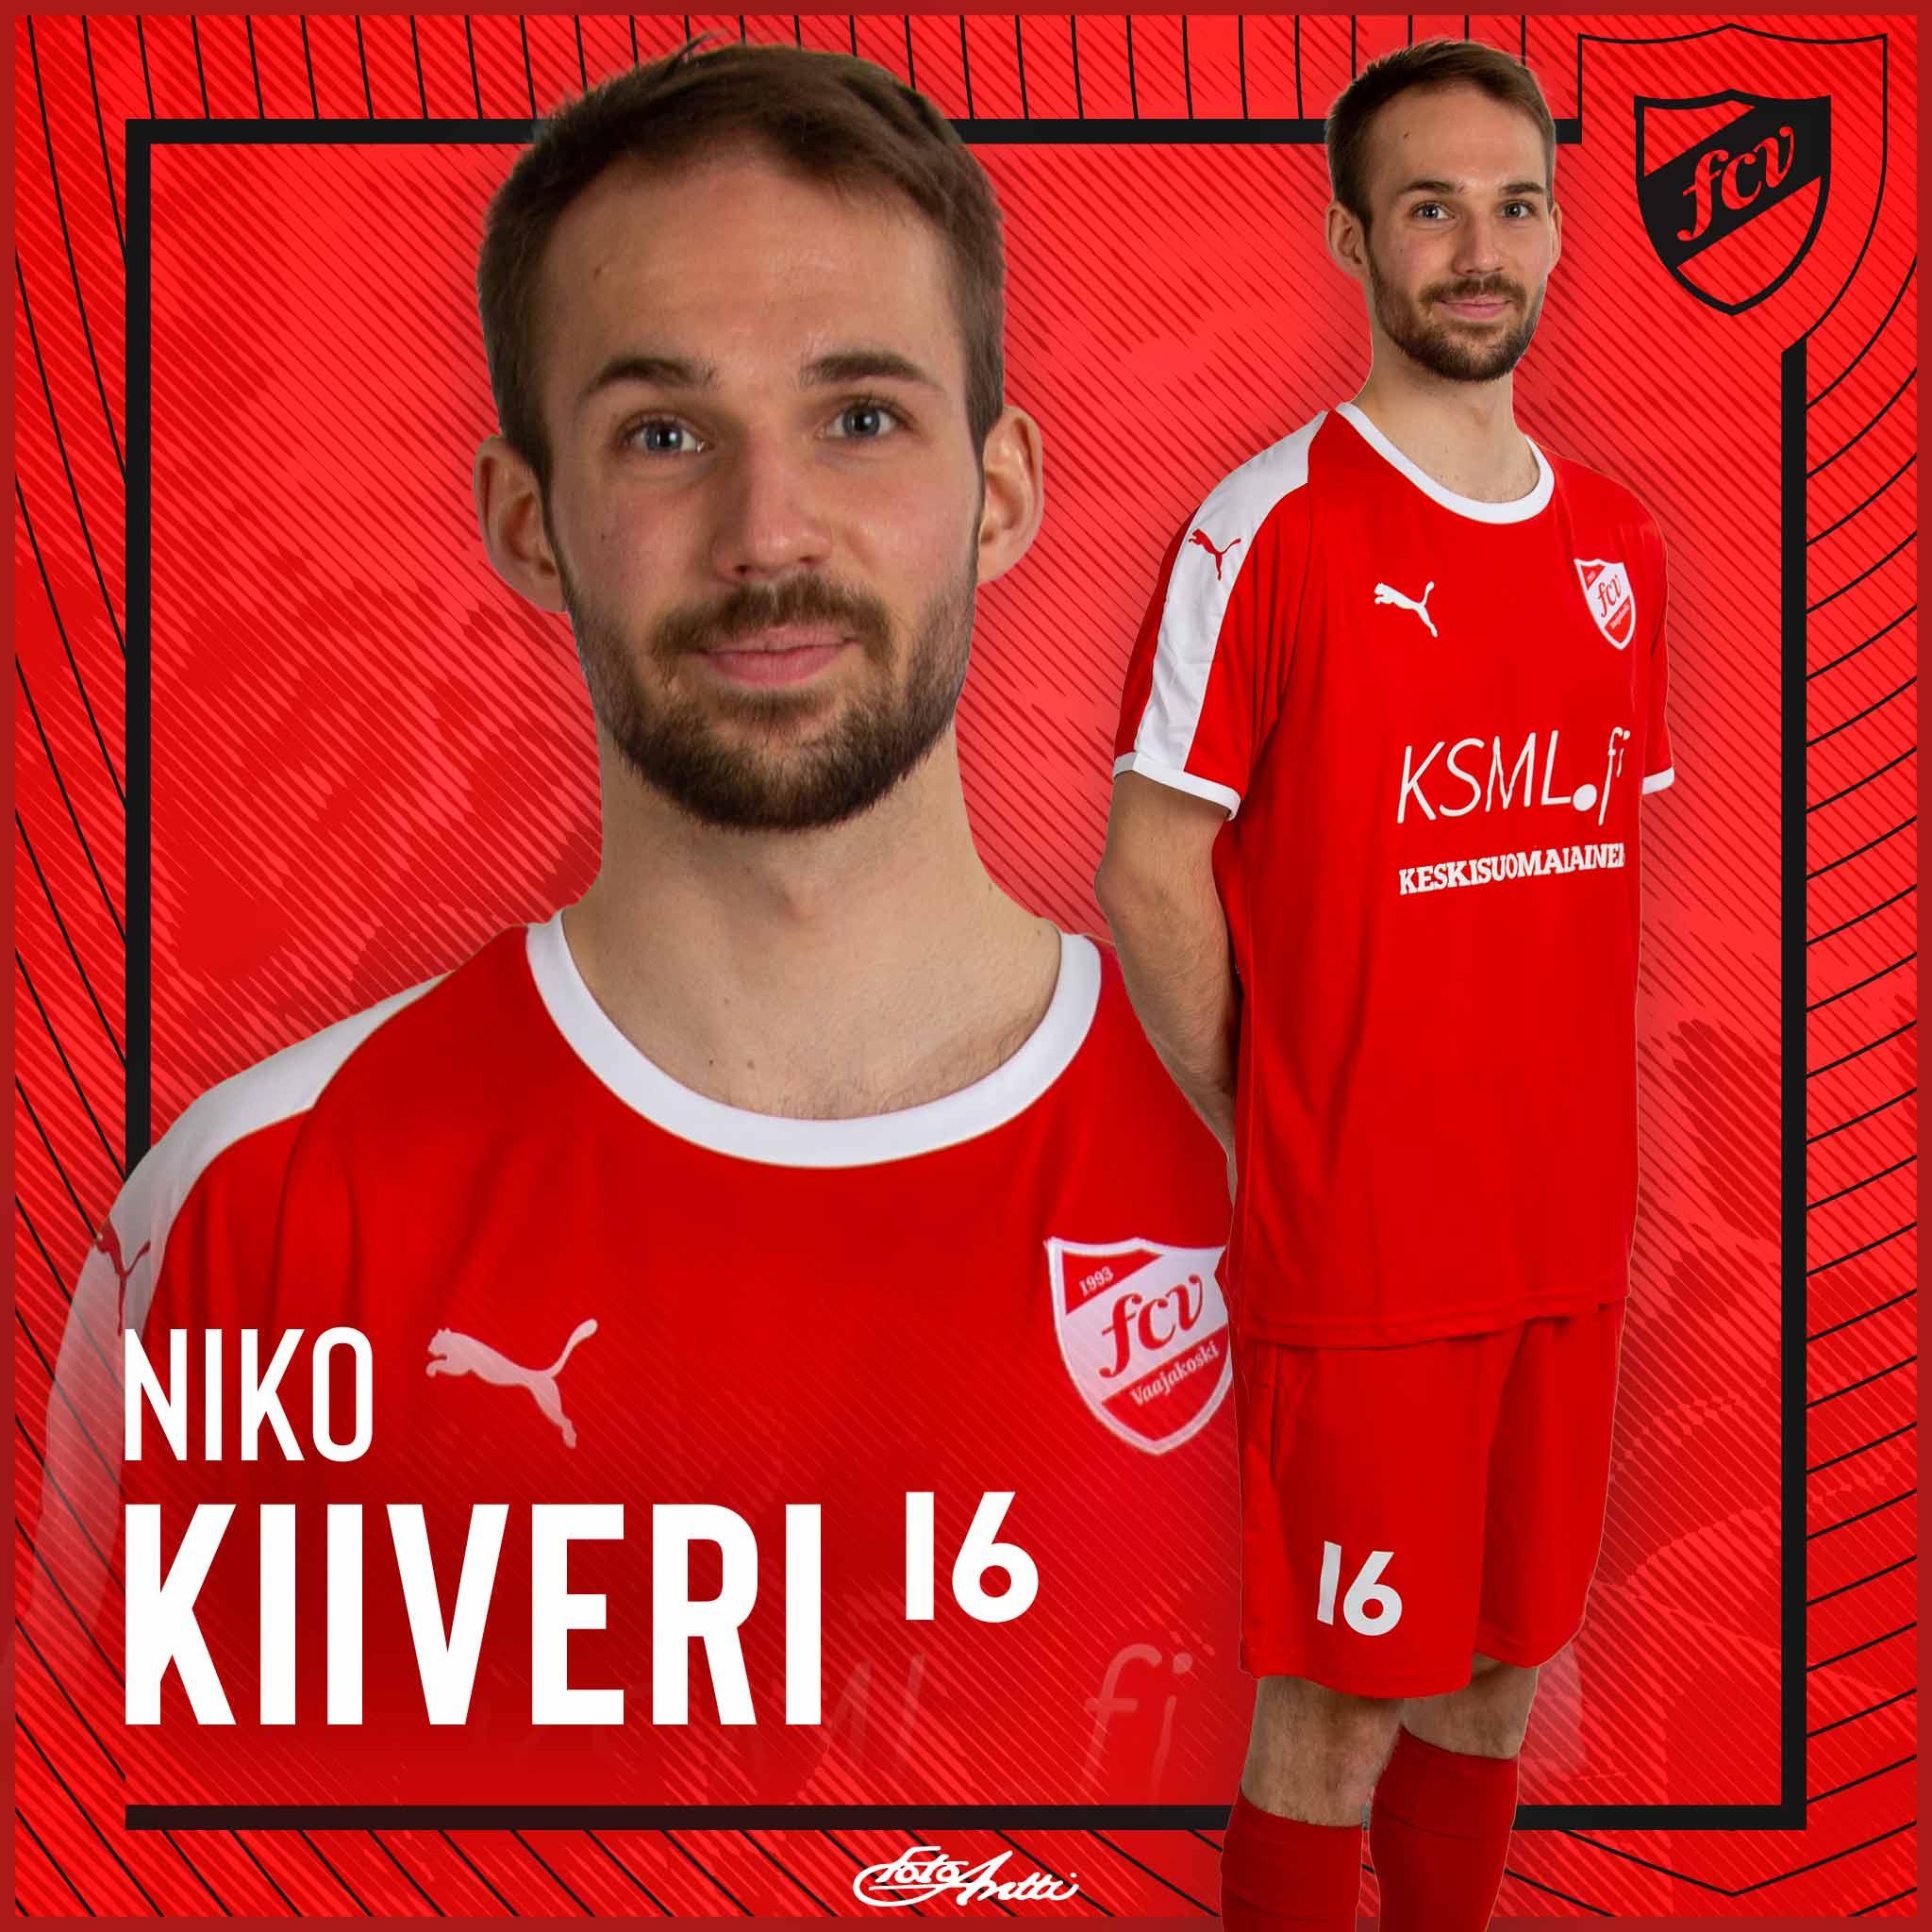 Niko Kiiveri